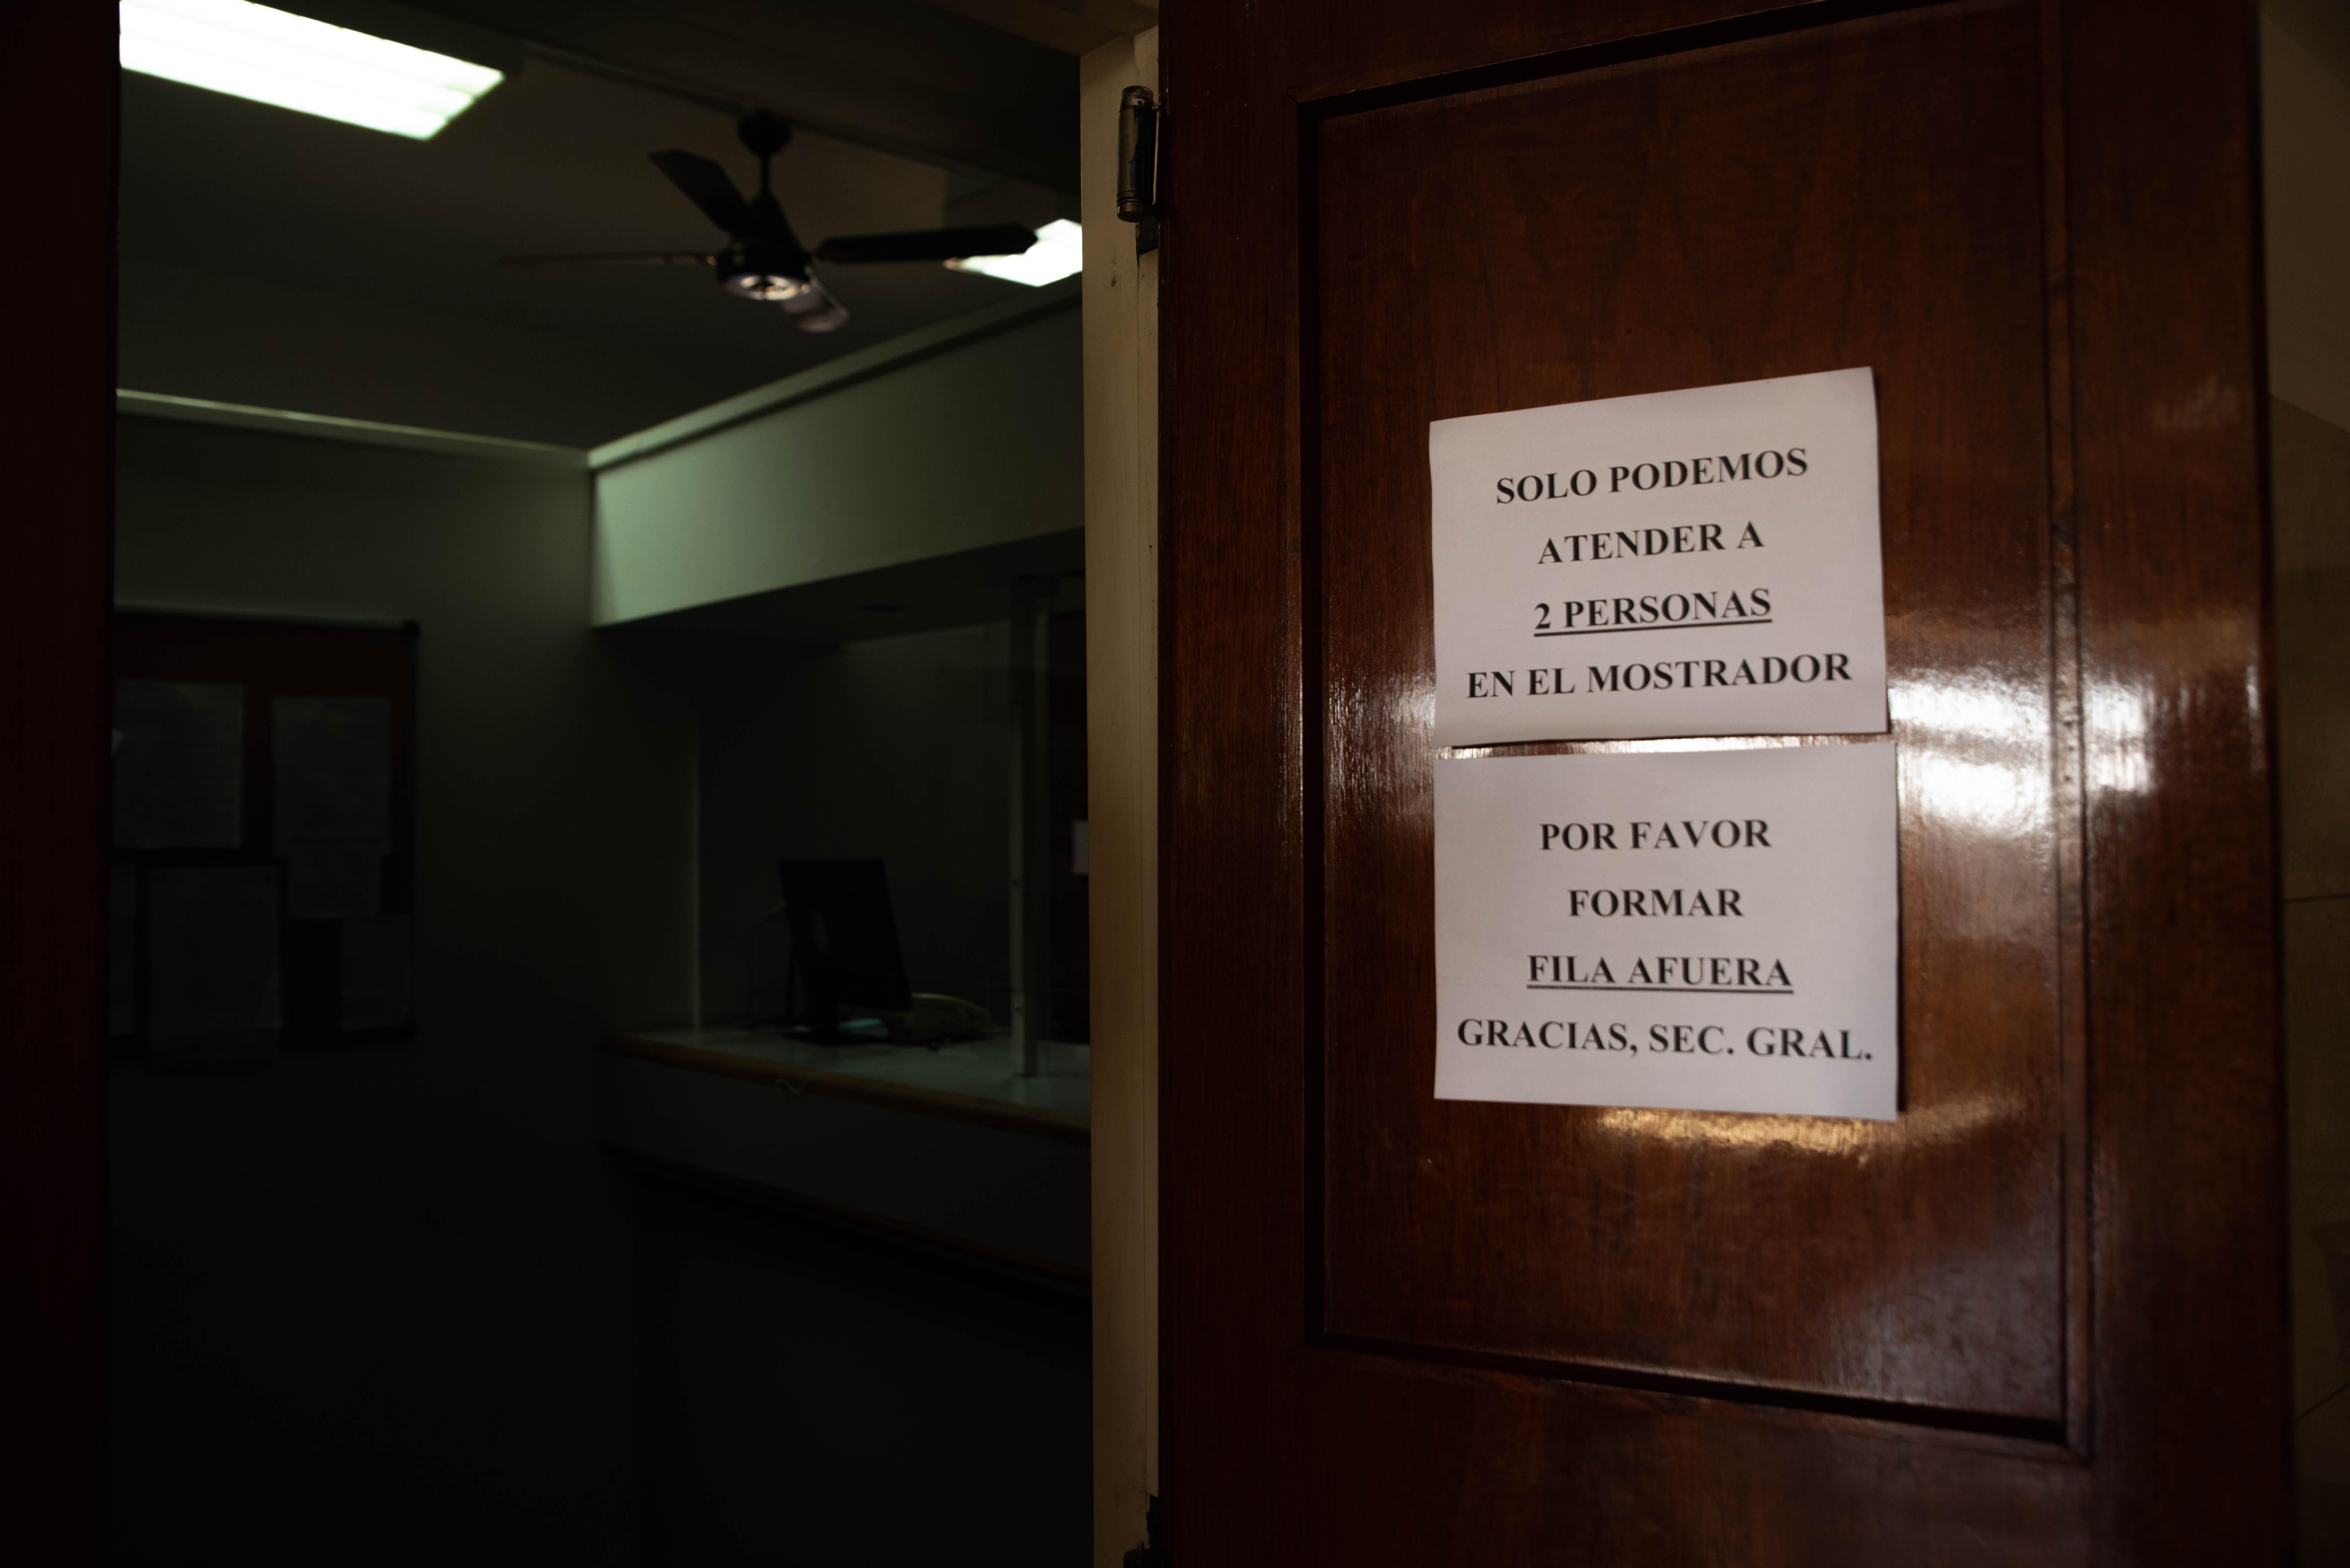 Secretaría general de la Cámara Federal. Comodoro Py. Segundo piso.